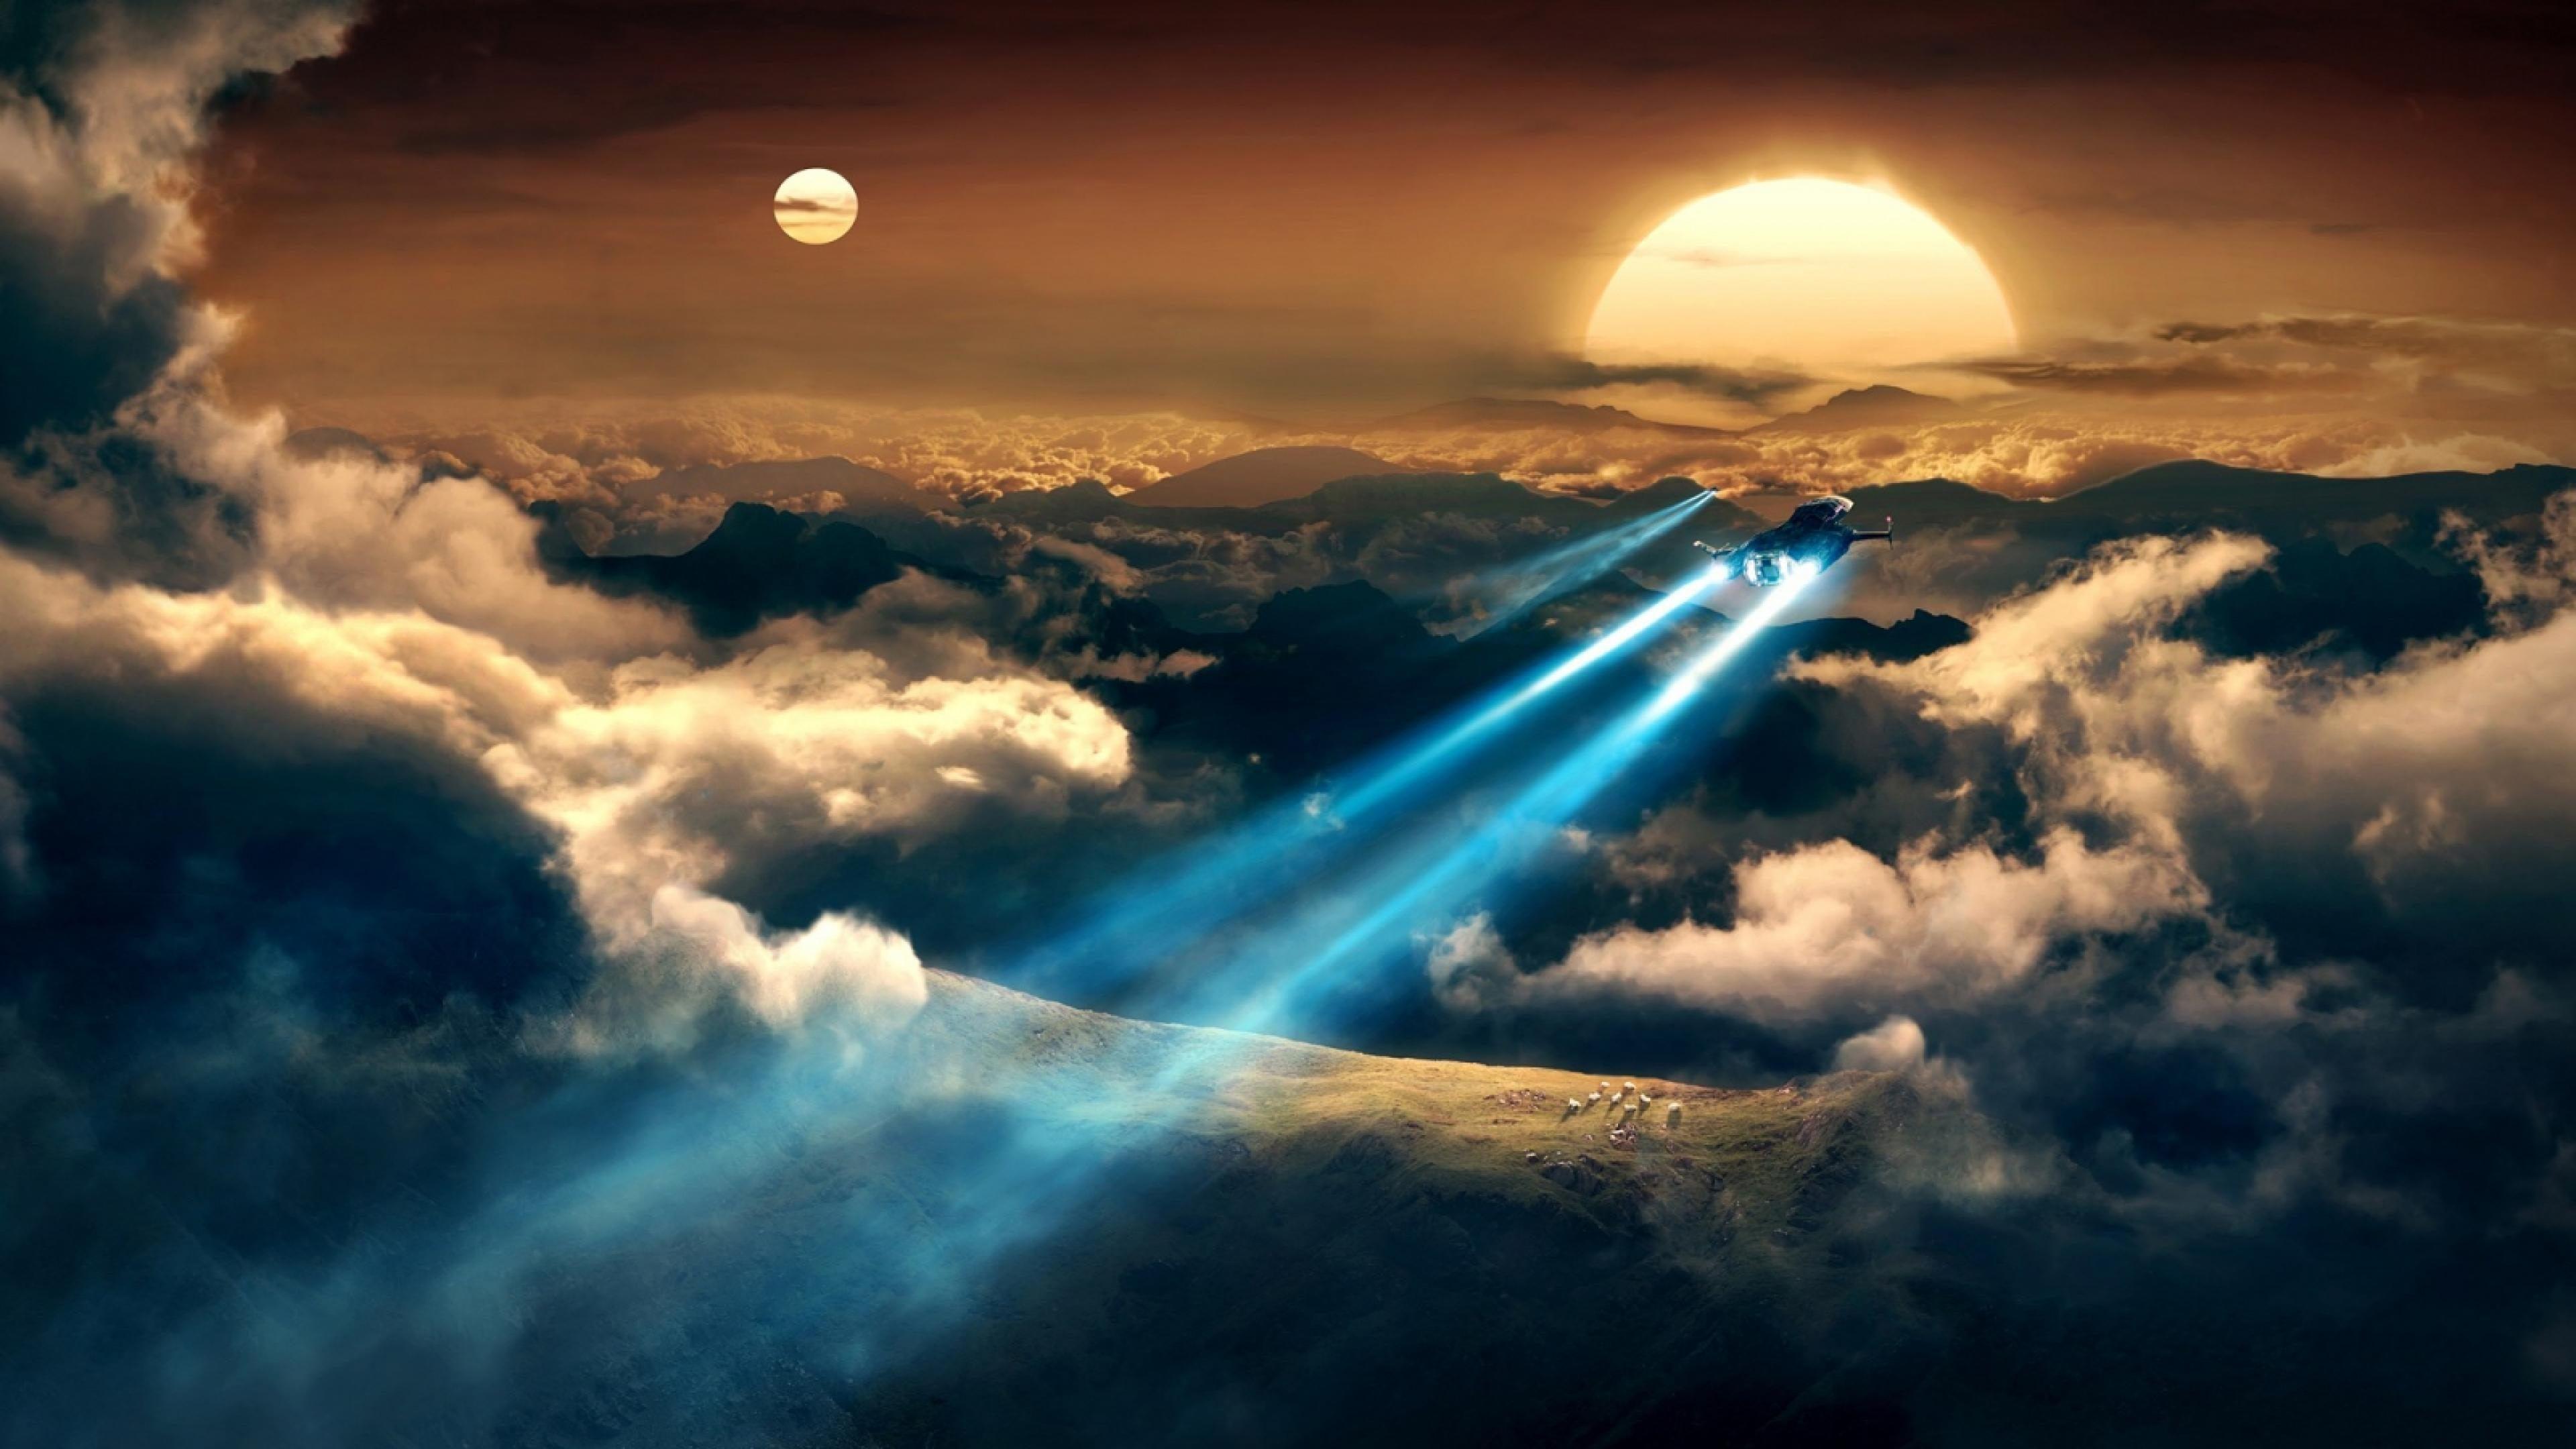 Epingle Par Sam Sur Space Video Games Fond Ecran Gratuit Fond D Ecran Science Fiction Fond Ecran